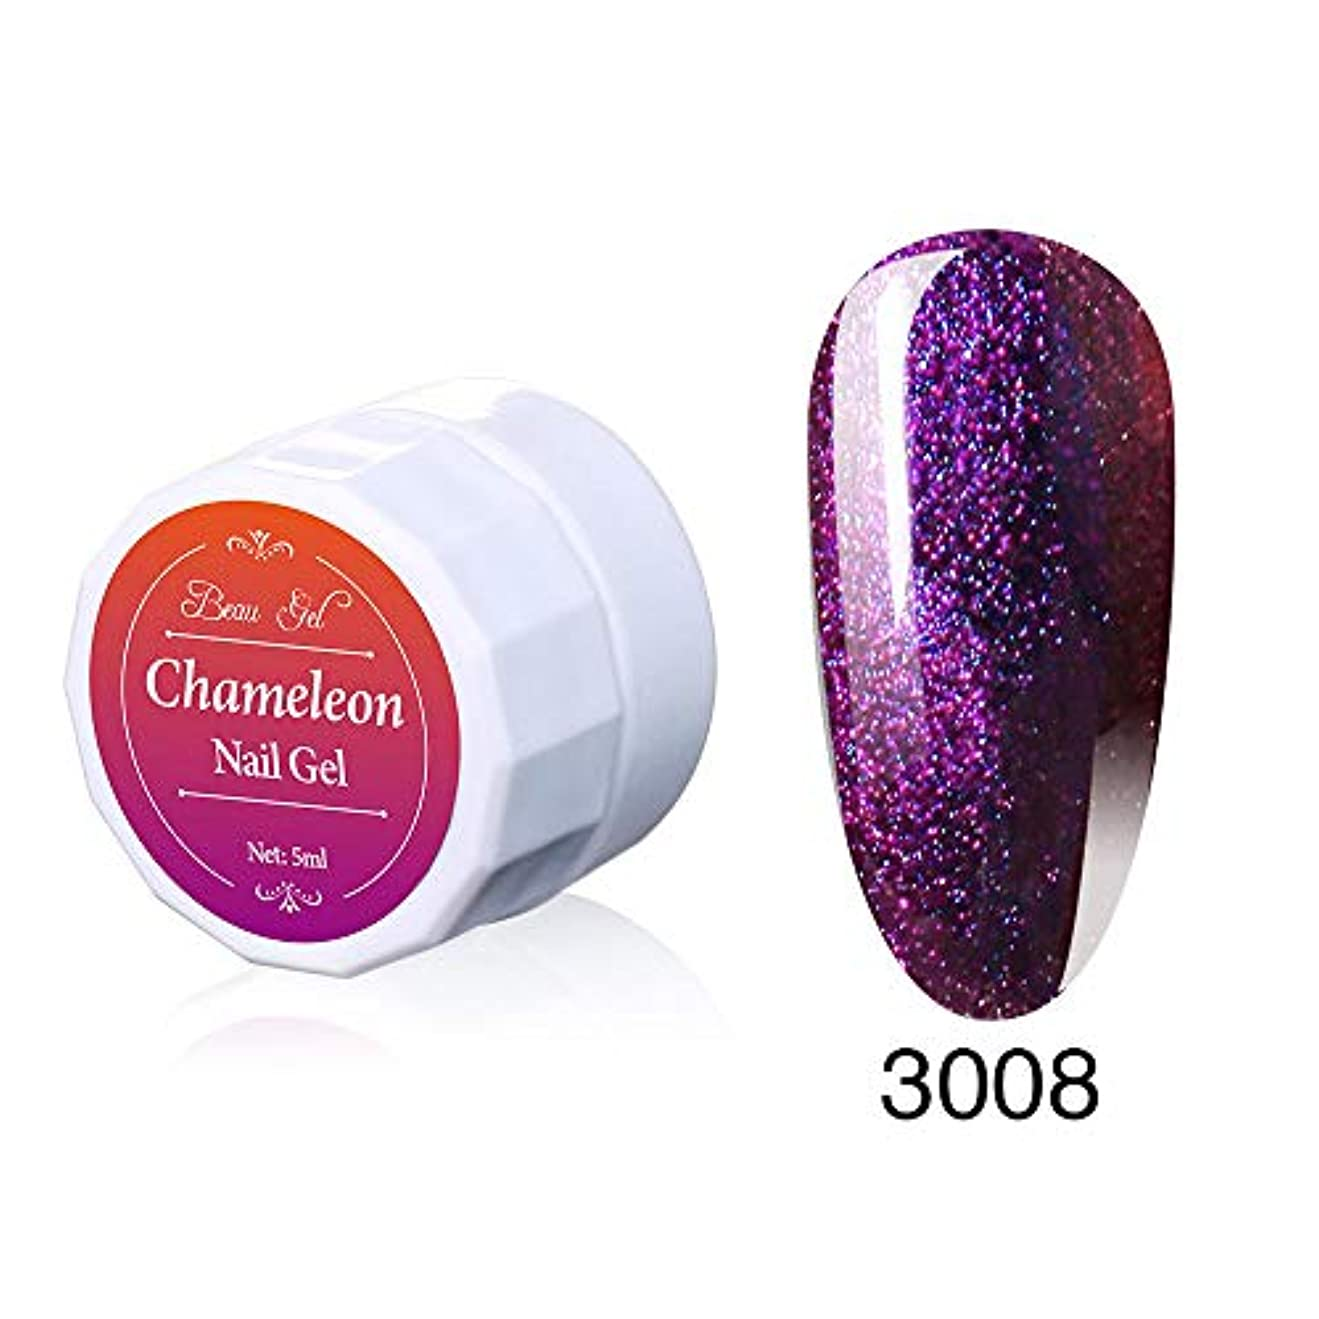 どういたしまして結び目被るBeau gel ジェルネイル カラージェル 変色系 1色入り 5ml-3008